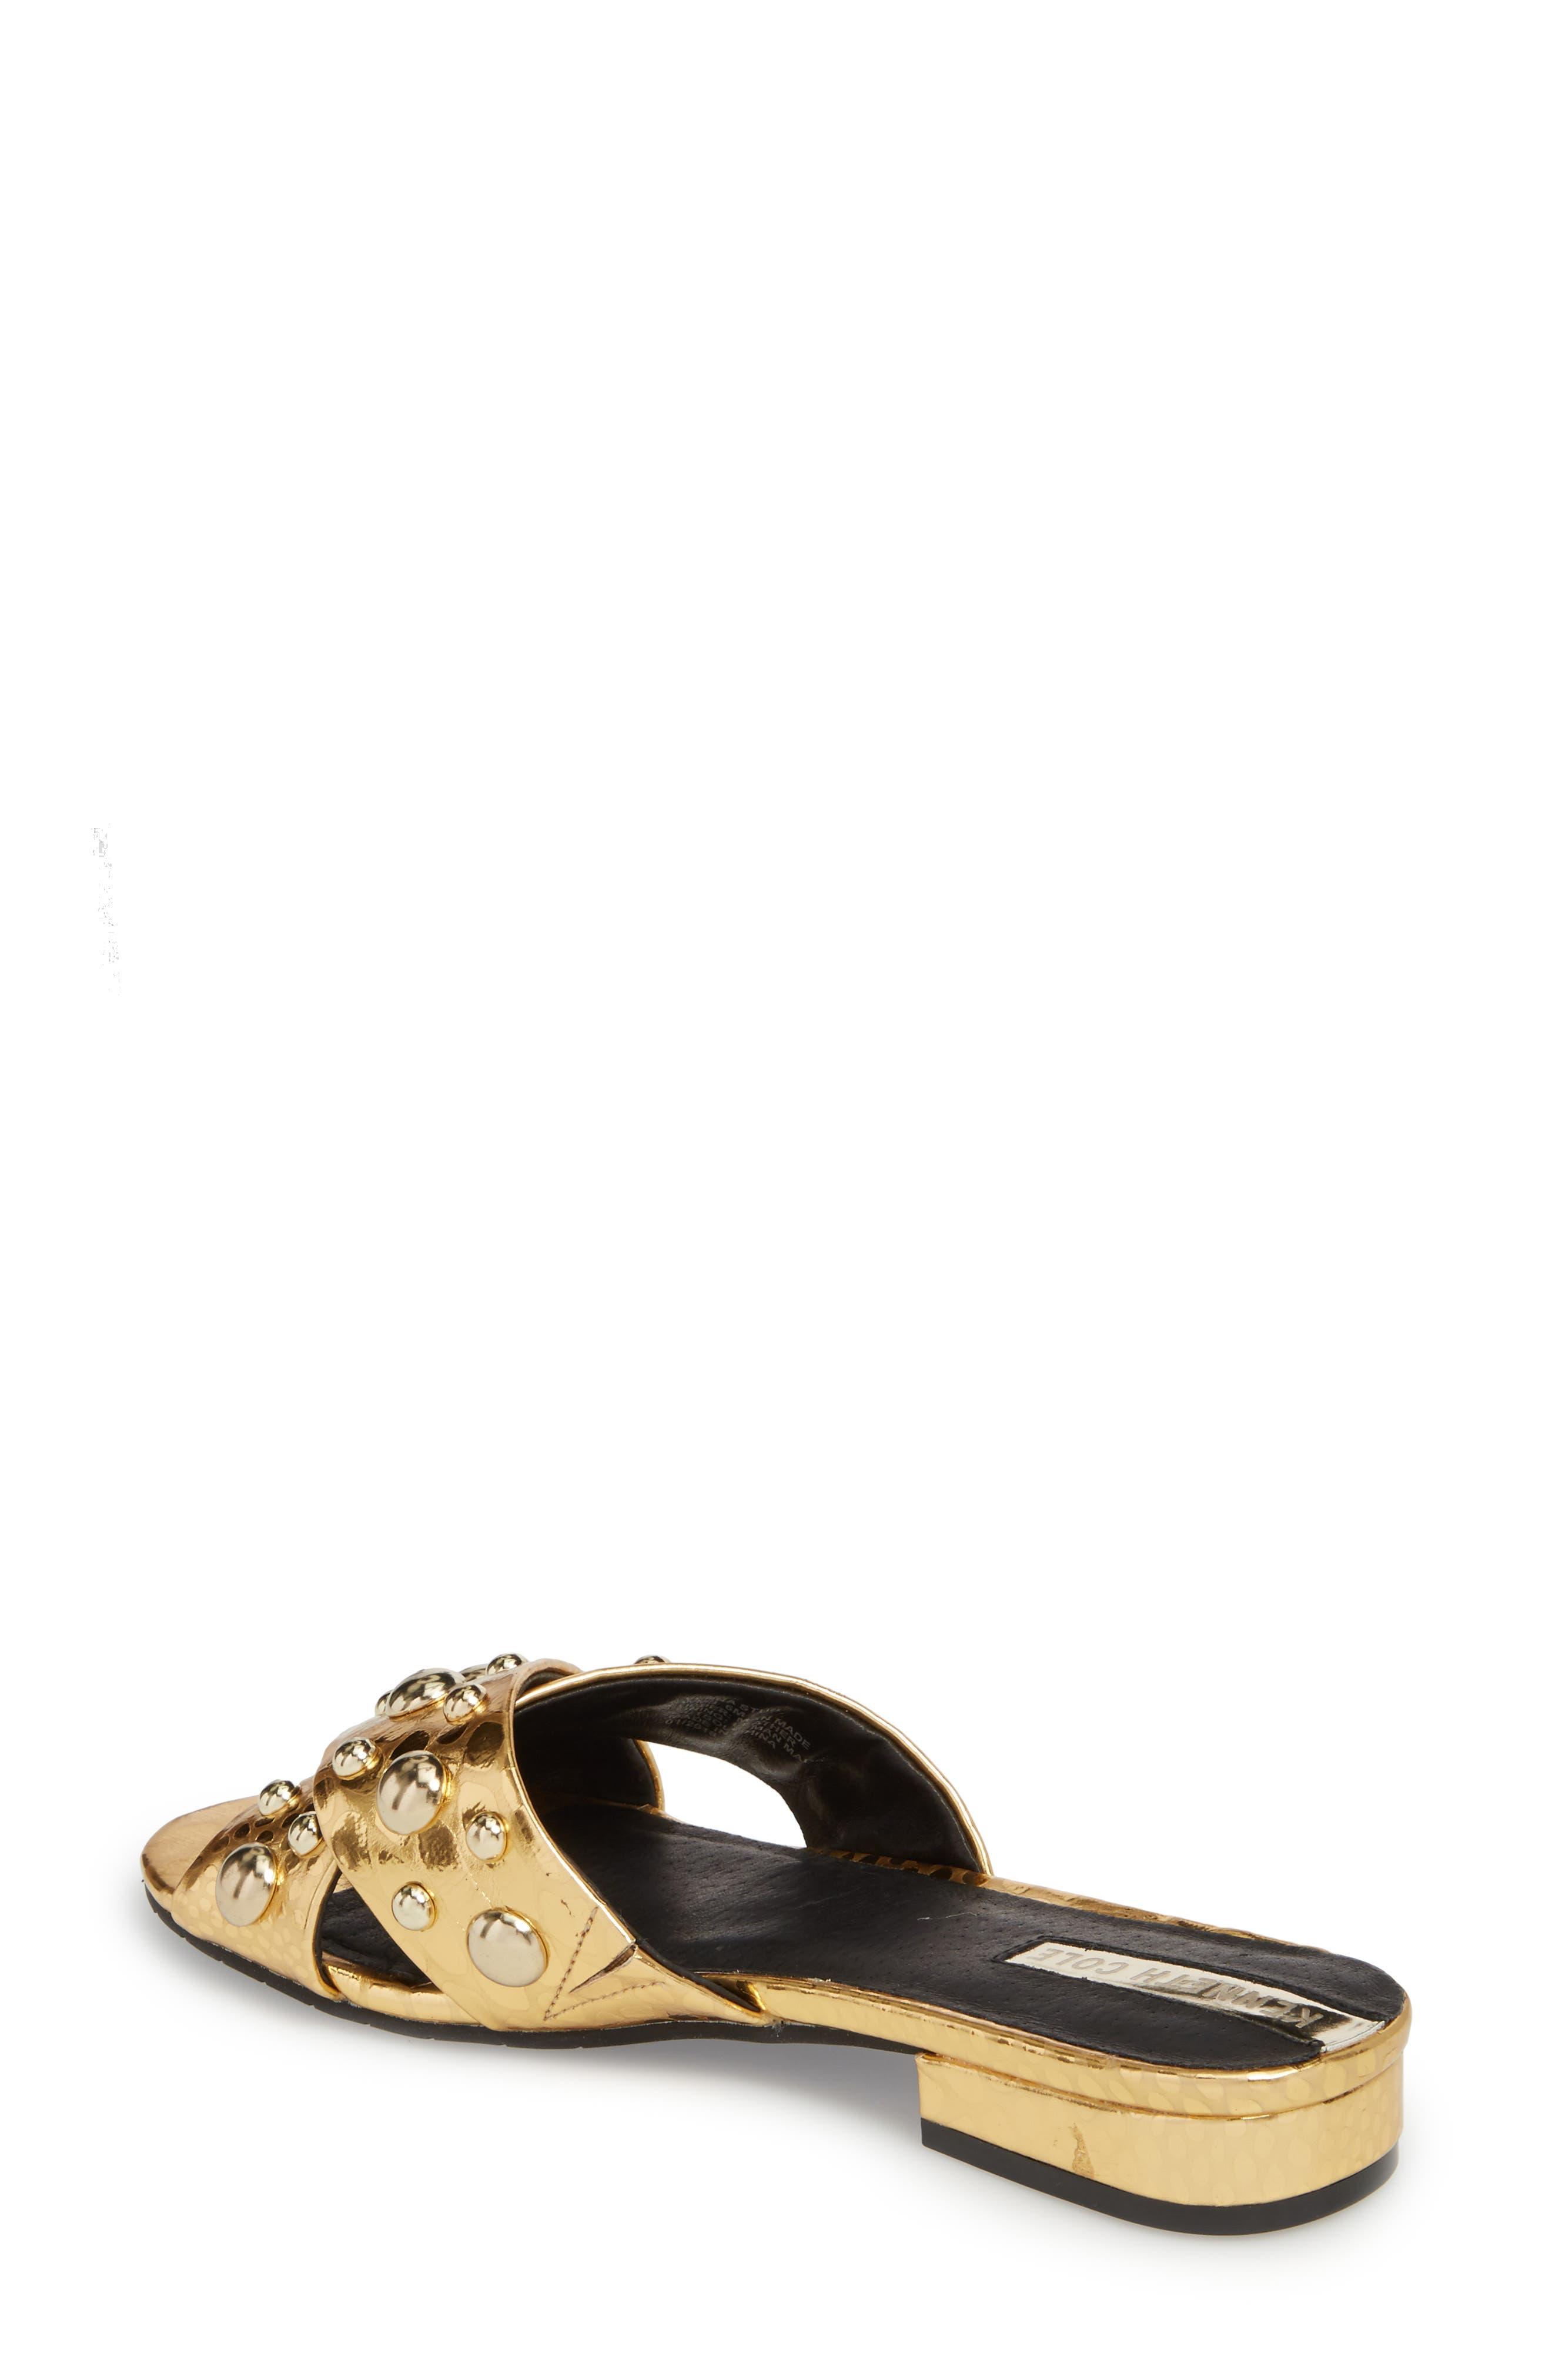 Verna Studded Slide Sandal,                             Alternate thumbnail 6, color,